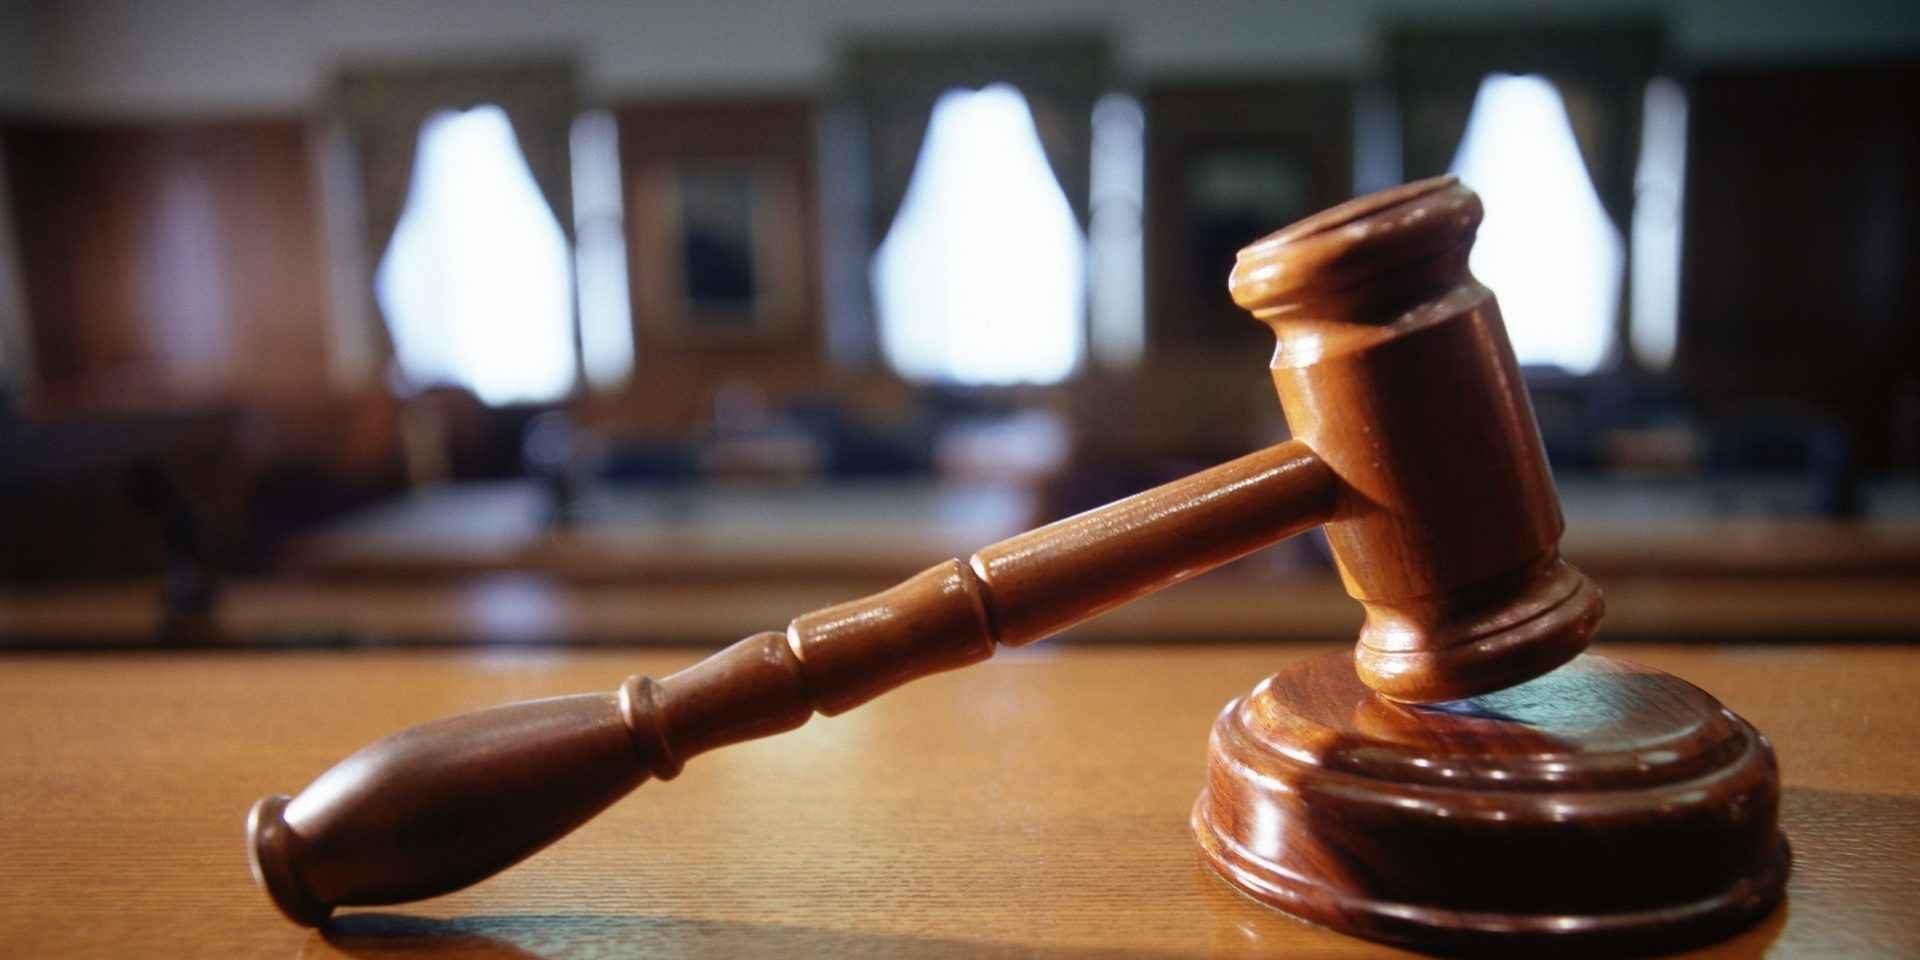 Прокурор Ужгородской местной прокуратуры направил в суд обвинительное заключение в отношении 40-летнего и 31-летнего транскарпатов по факту незаконной вырубки лесов в селе Линц Ужгородского района